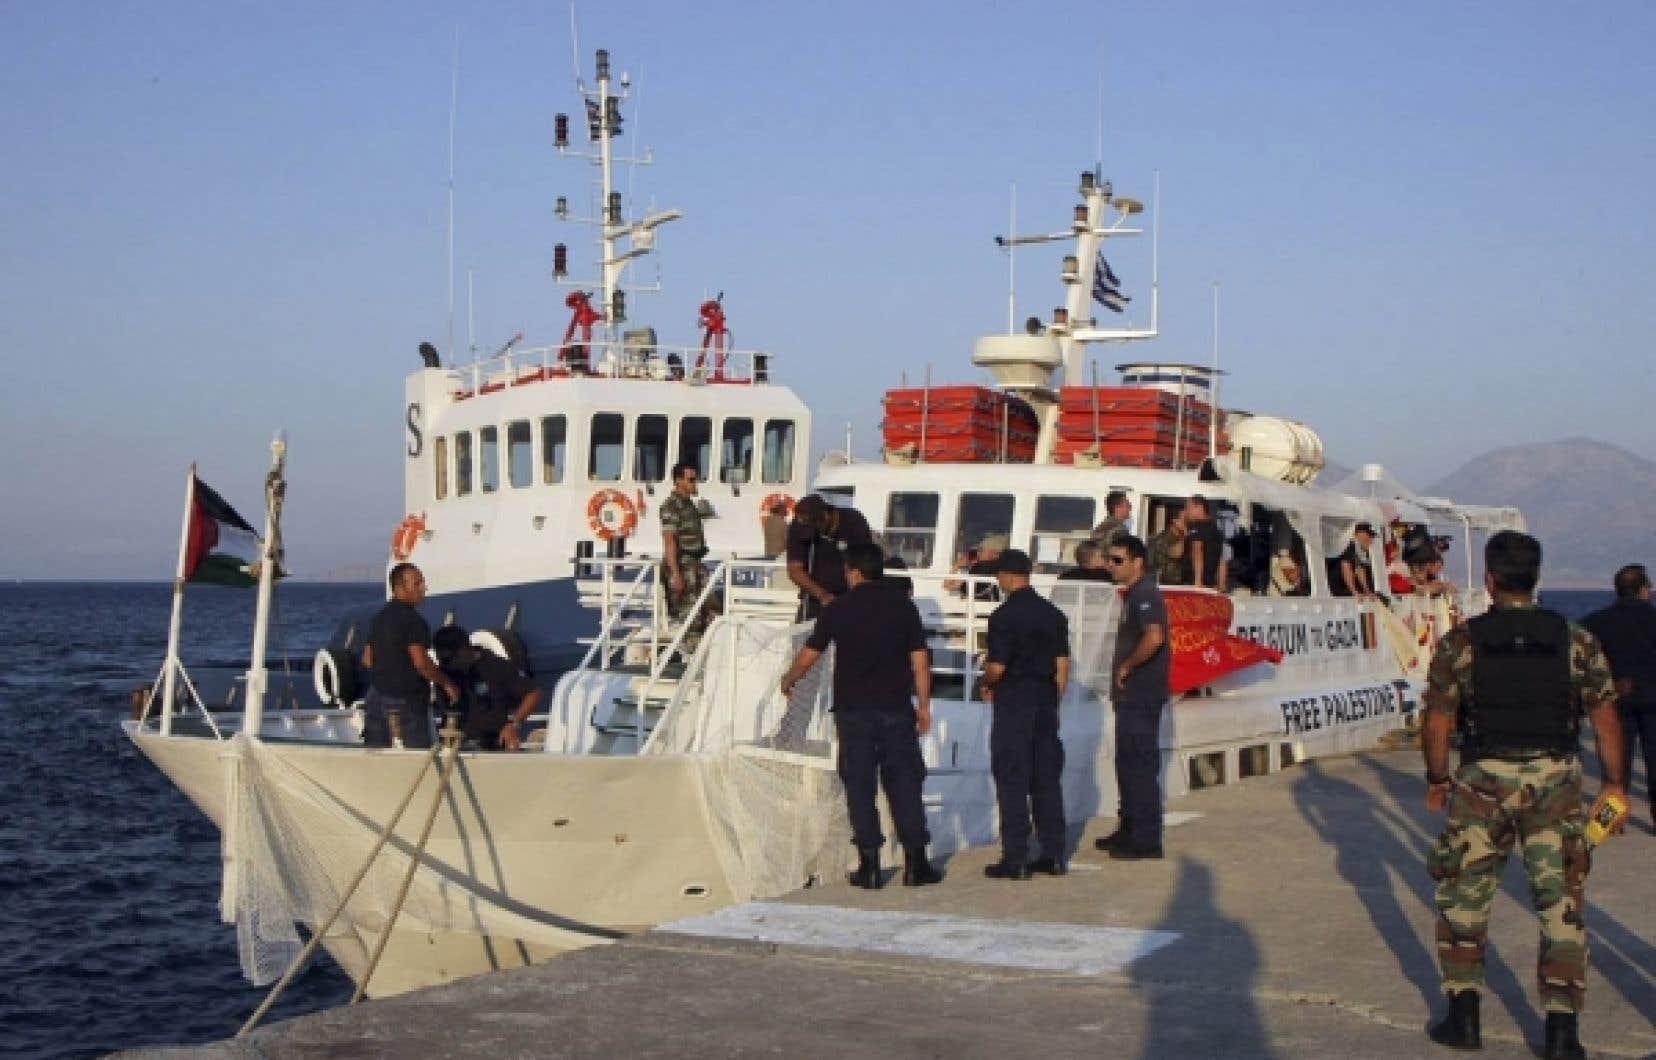 Le navire canadien Tahrir est retourné au port, en Crète, après avoir été intercepté hier par la garde côtière et l'armée grecques.<br />